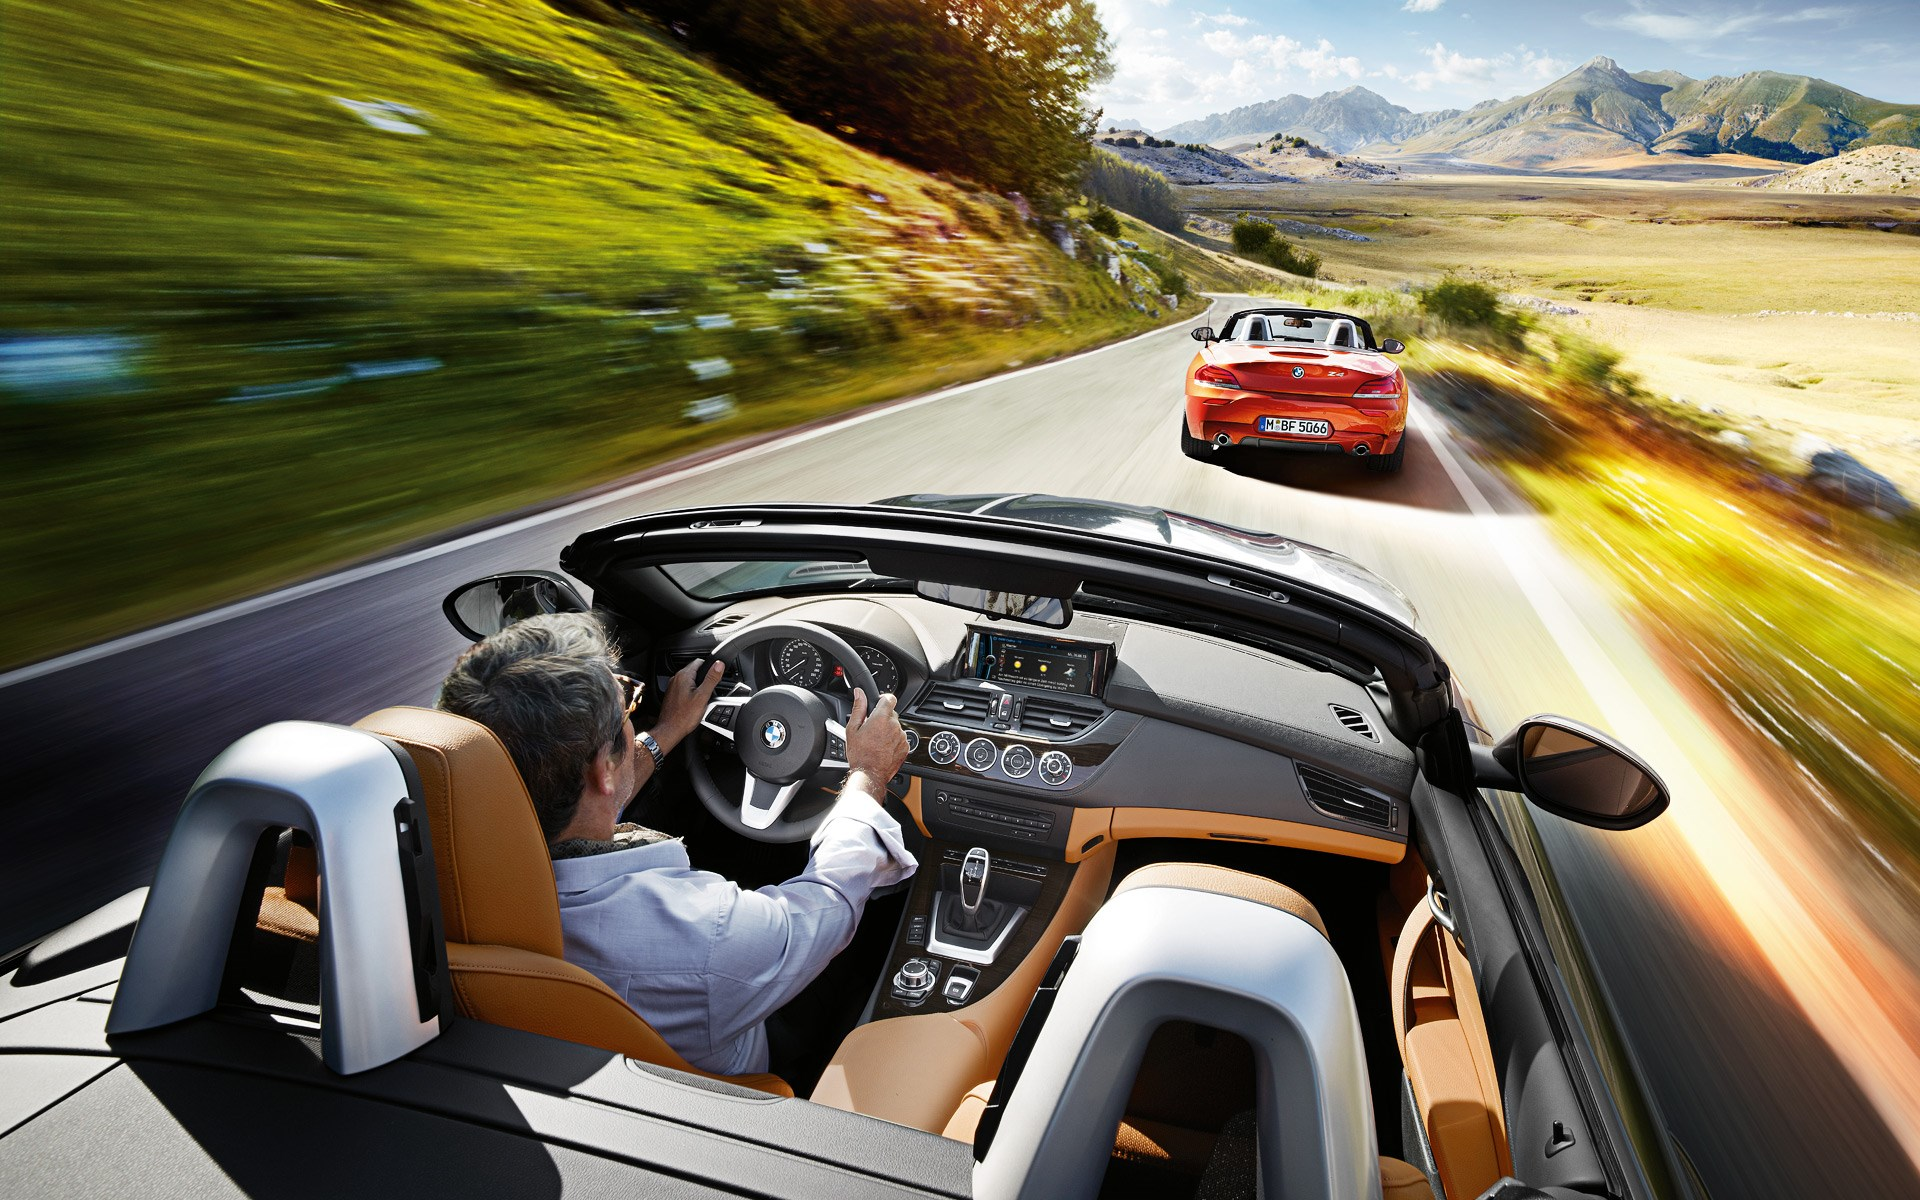 4 نصائح تحمي سيارتك من أضرار الأحمال الزائدة أثناء السفر